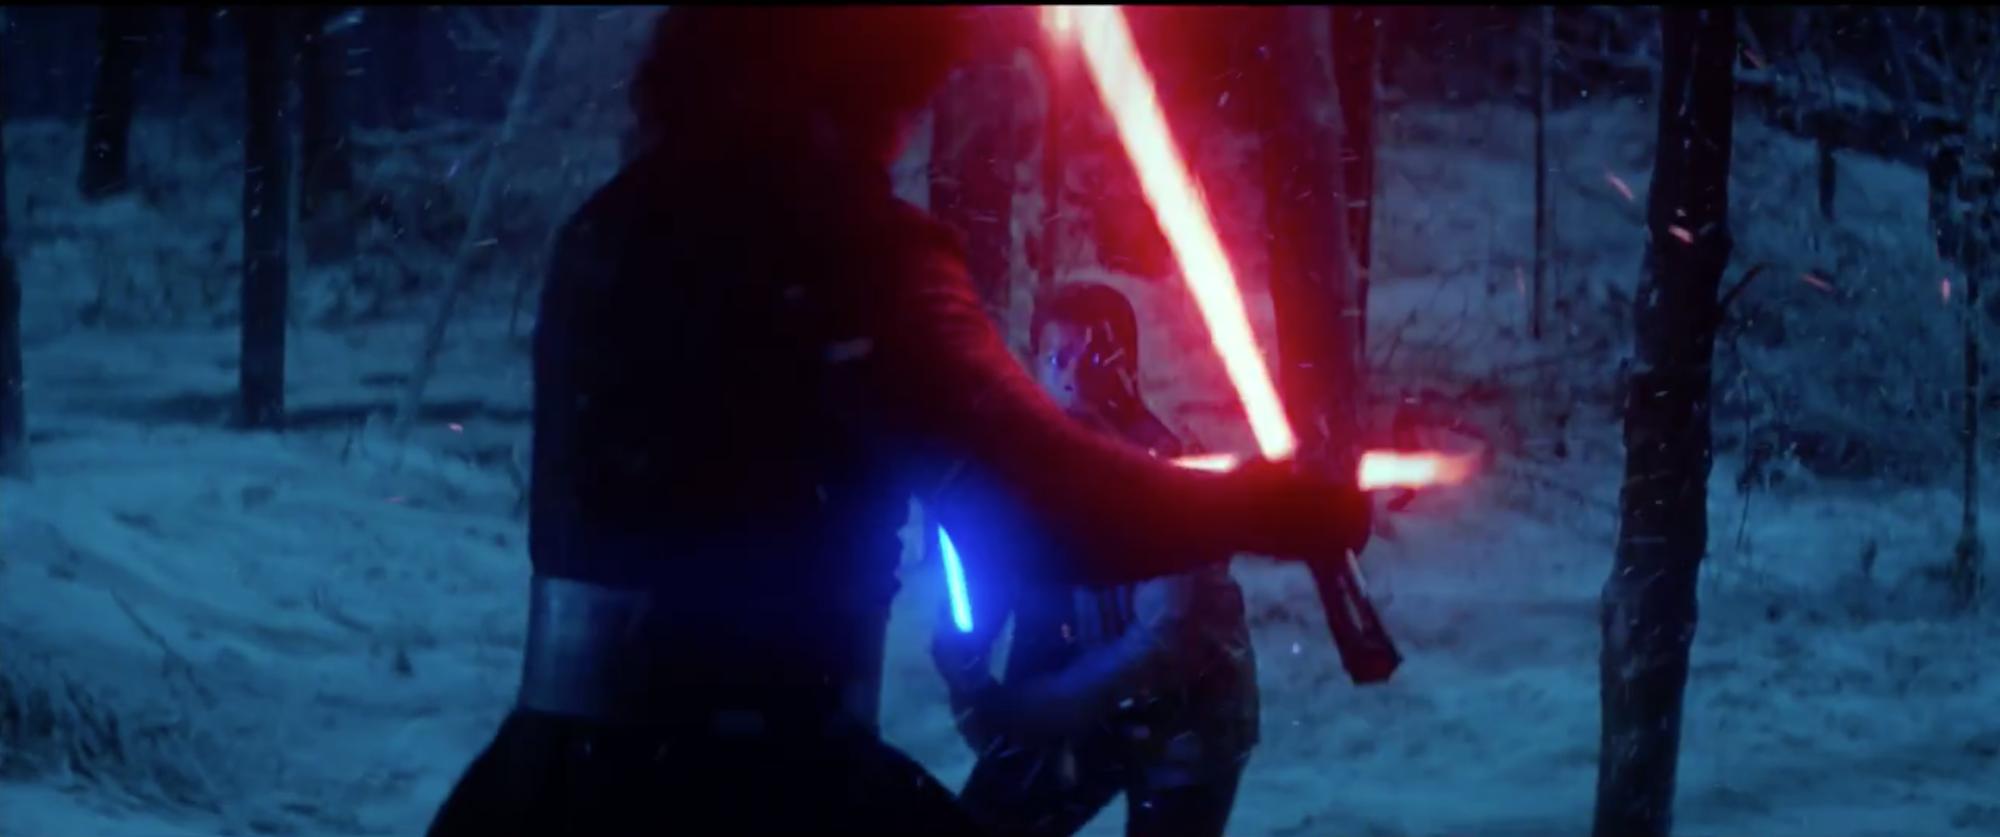 Star Wars: Episodio VII - Il risveglio della Forza: scontro tra spade laser nel trailer finale del film